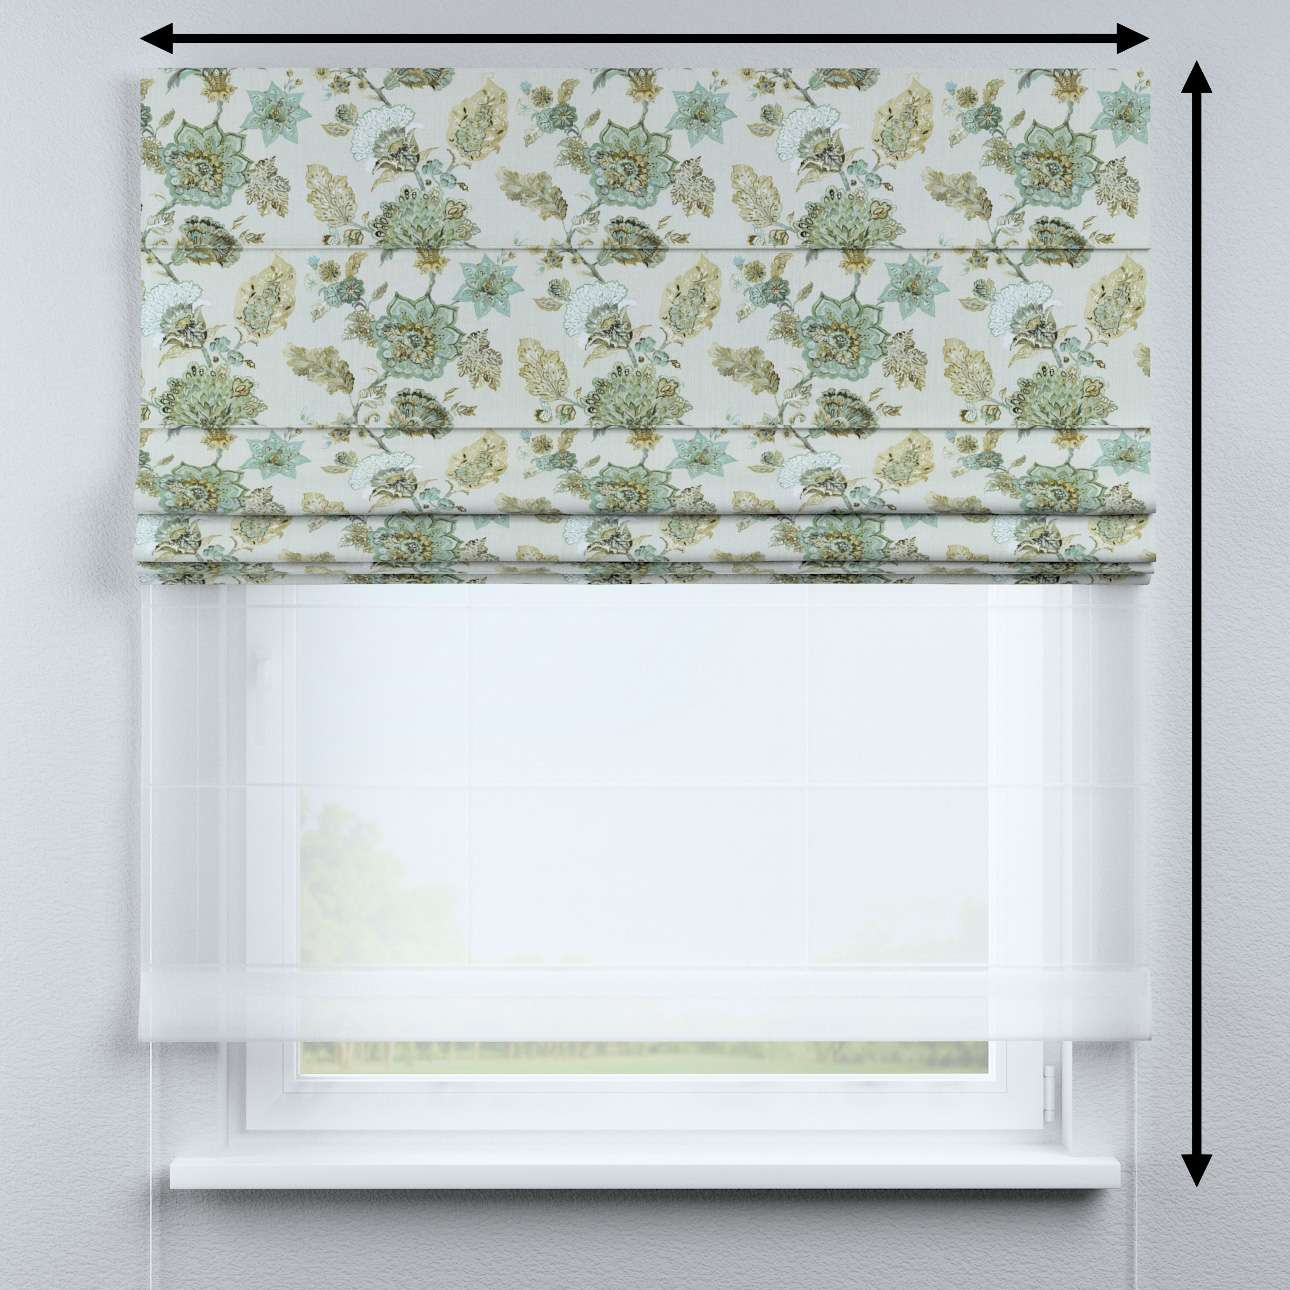 DUO Rímska roleta V kolekcii Flowers, tkanina: 143-67